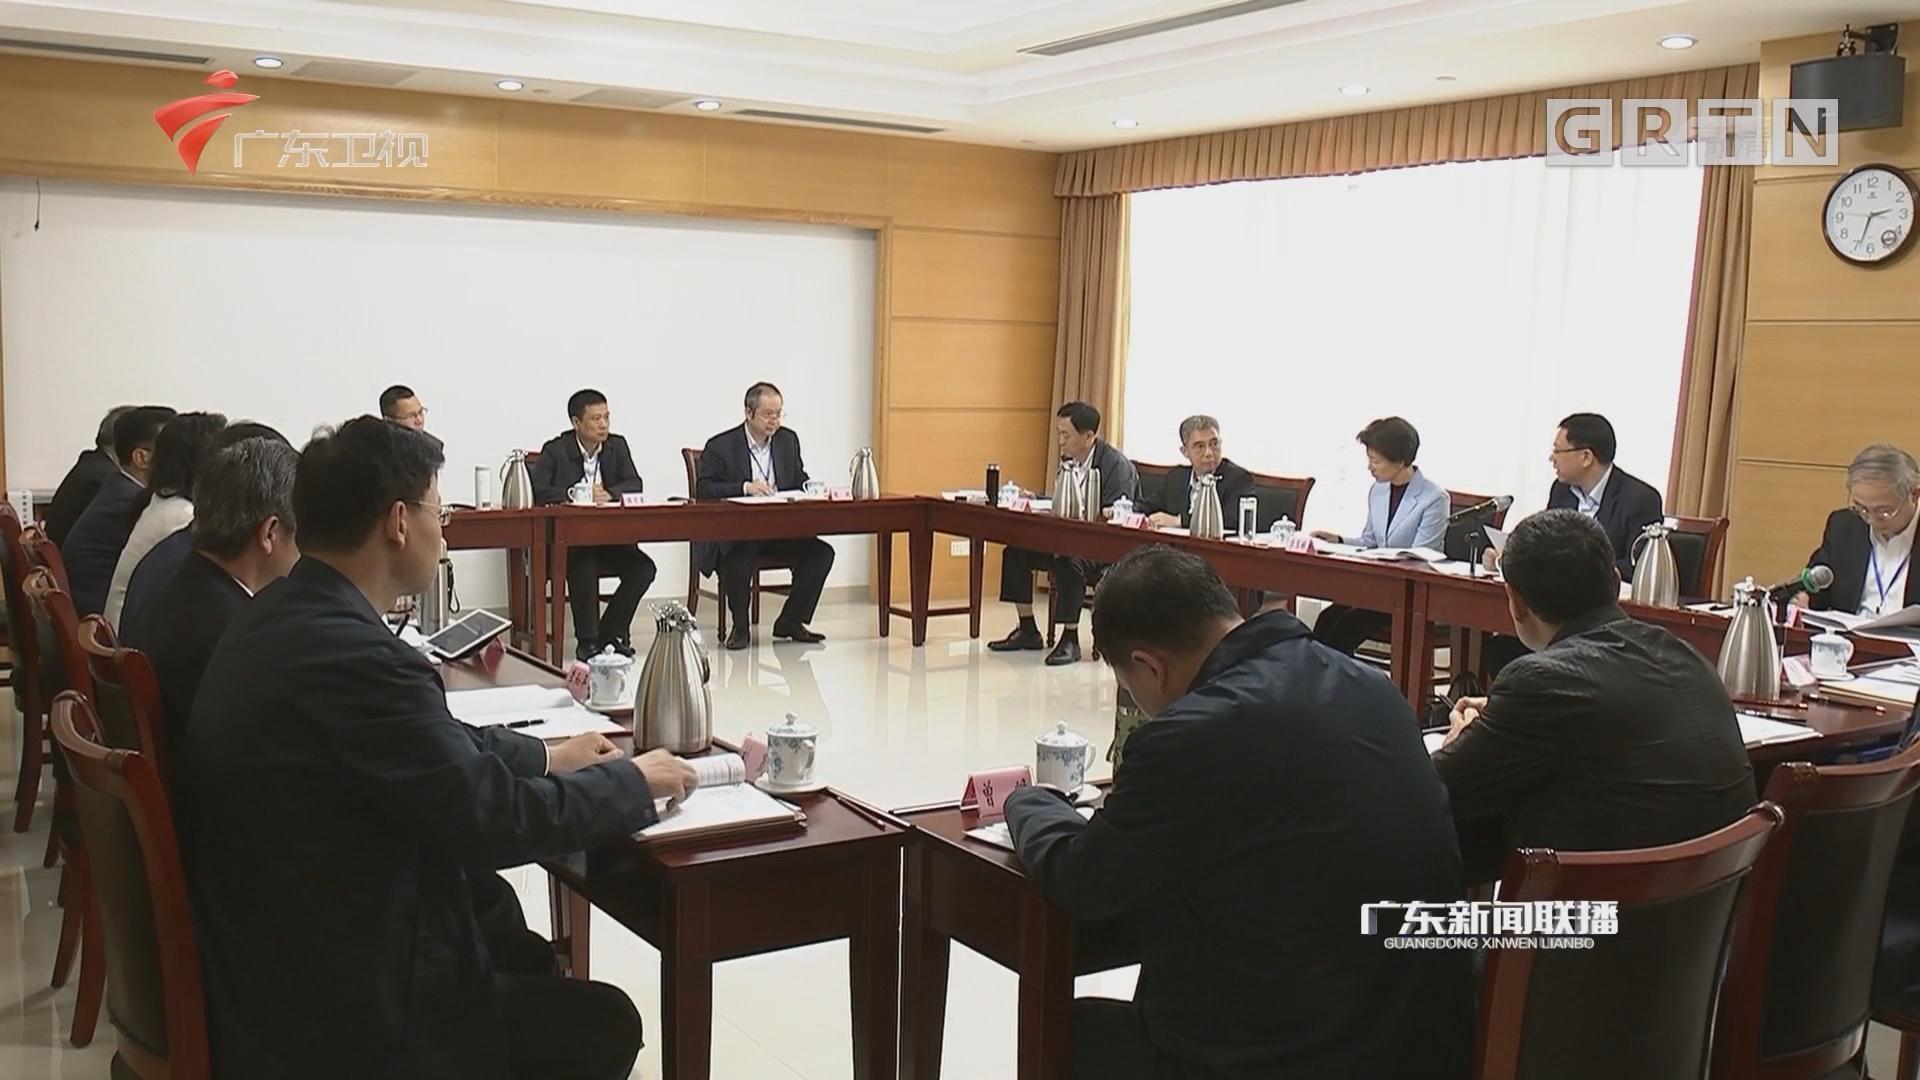 广东:沿着总书记指引的道路奋勇前进